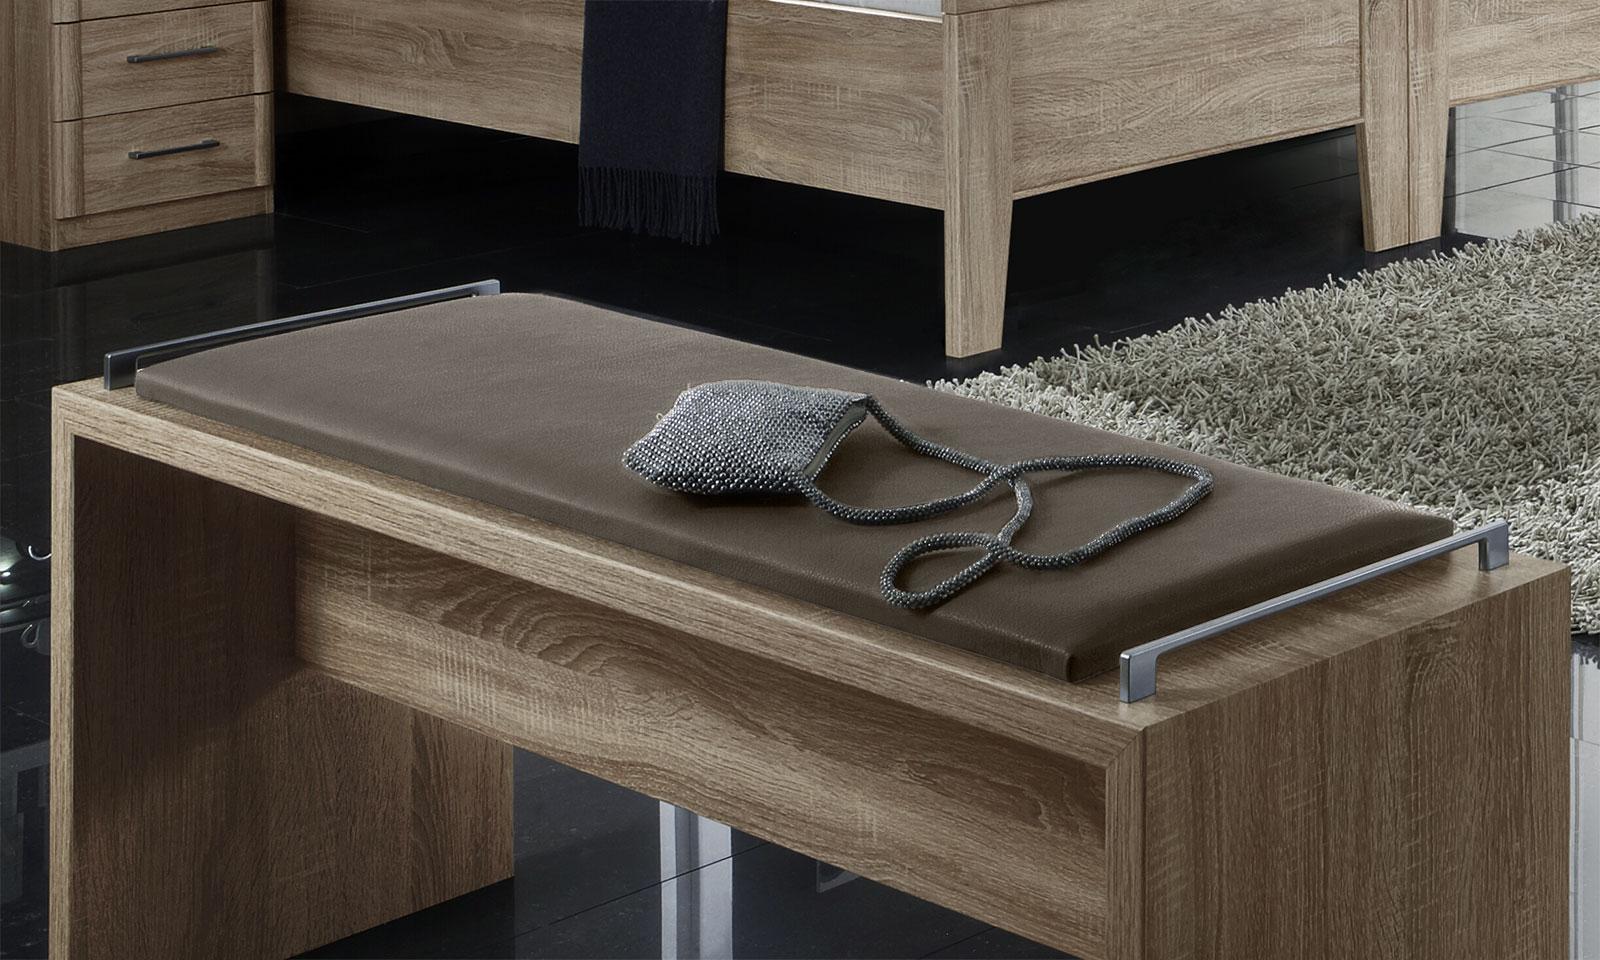 bettbank in eiche dekor mit kunstleder sitzpolster runcorn. Black Bedroom Furniture Sets. Home Design Ideas